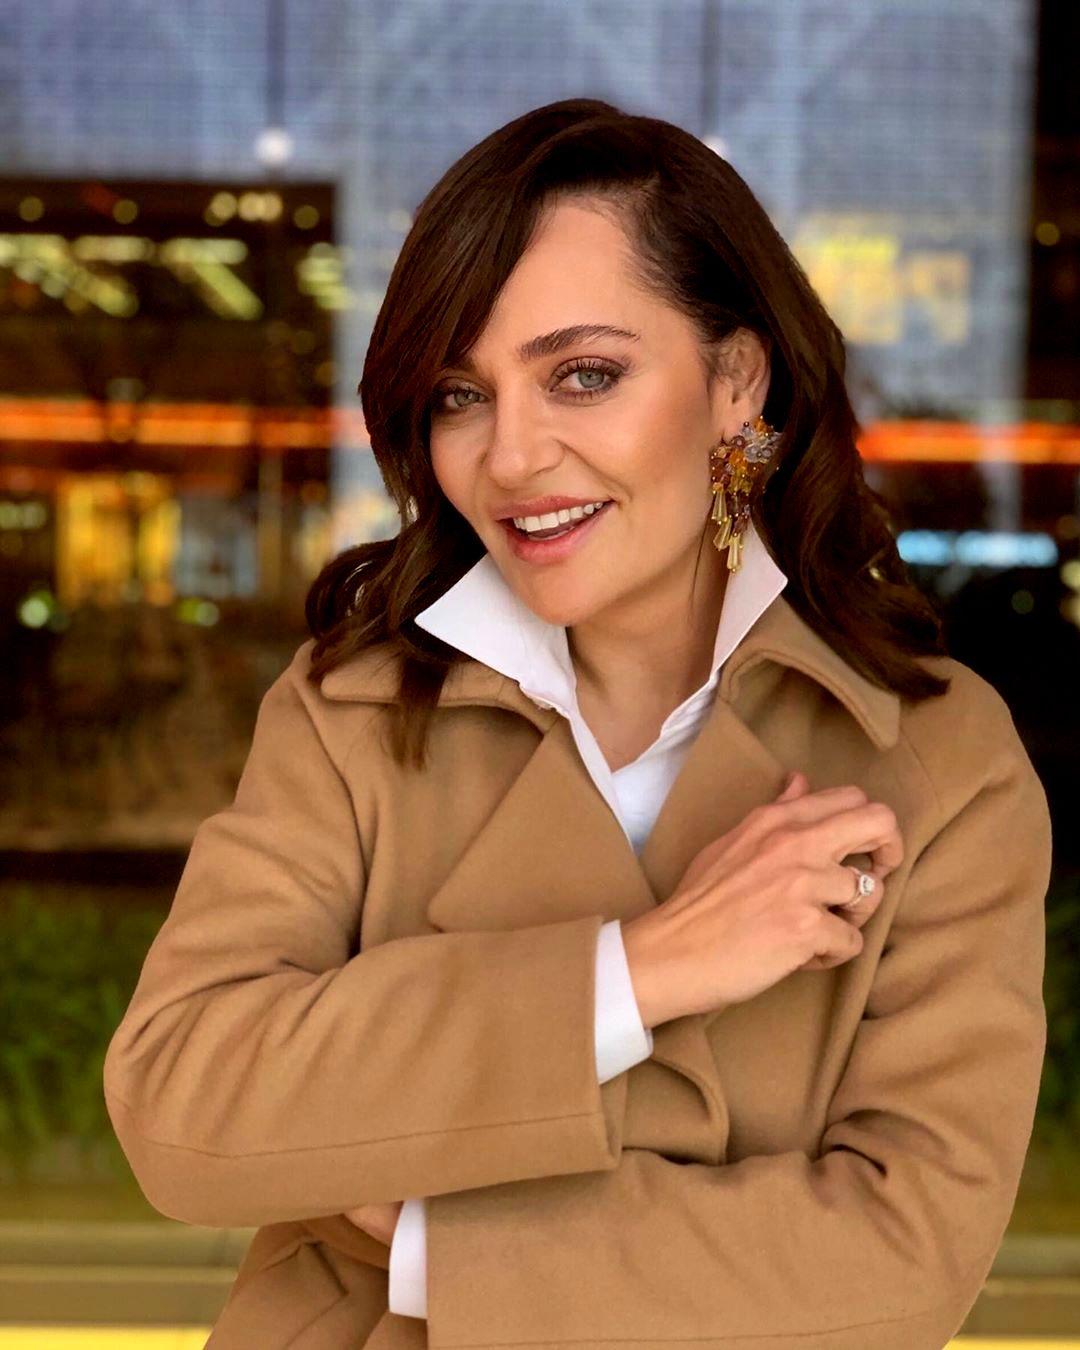 Beautiful Turkish Actress Didem Balcin